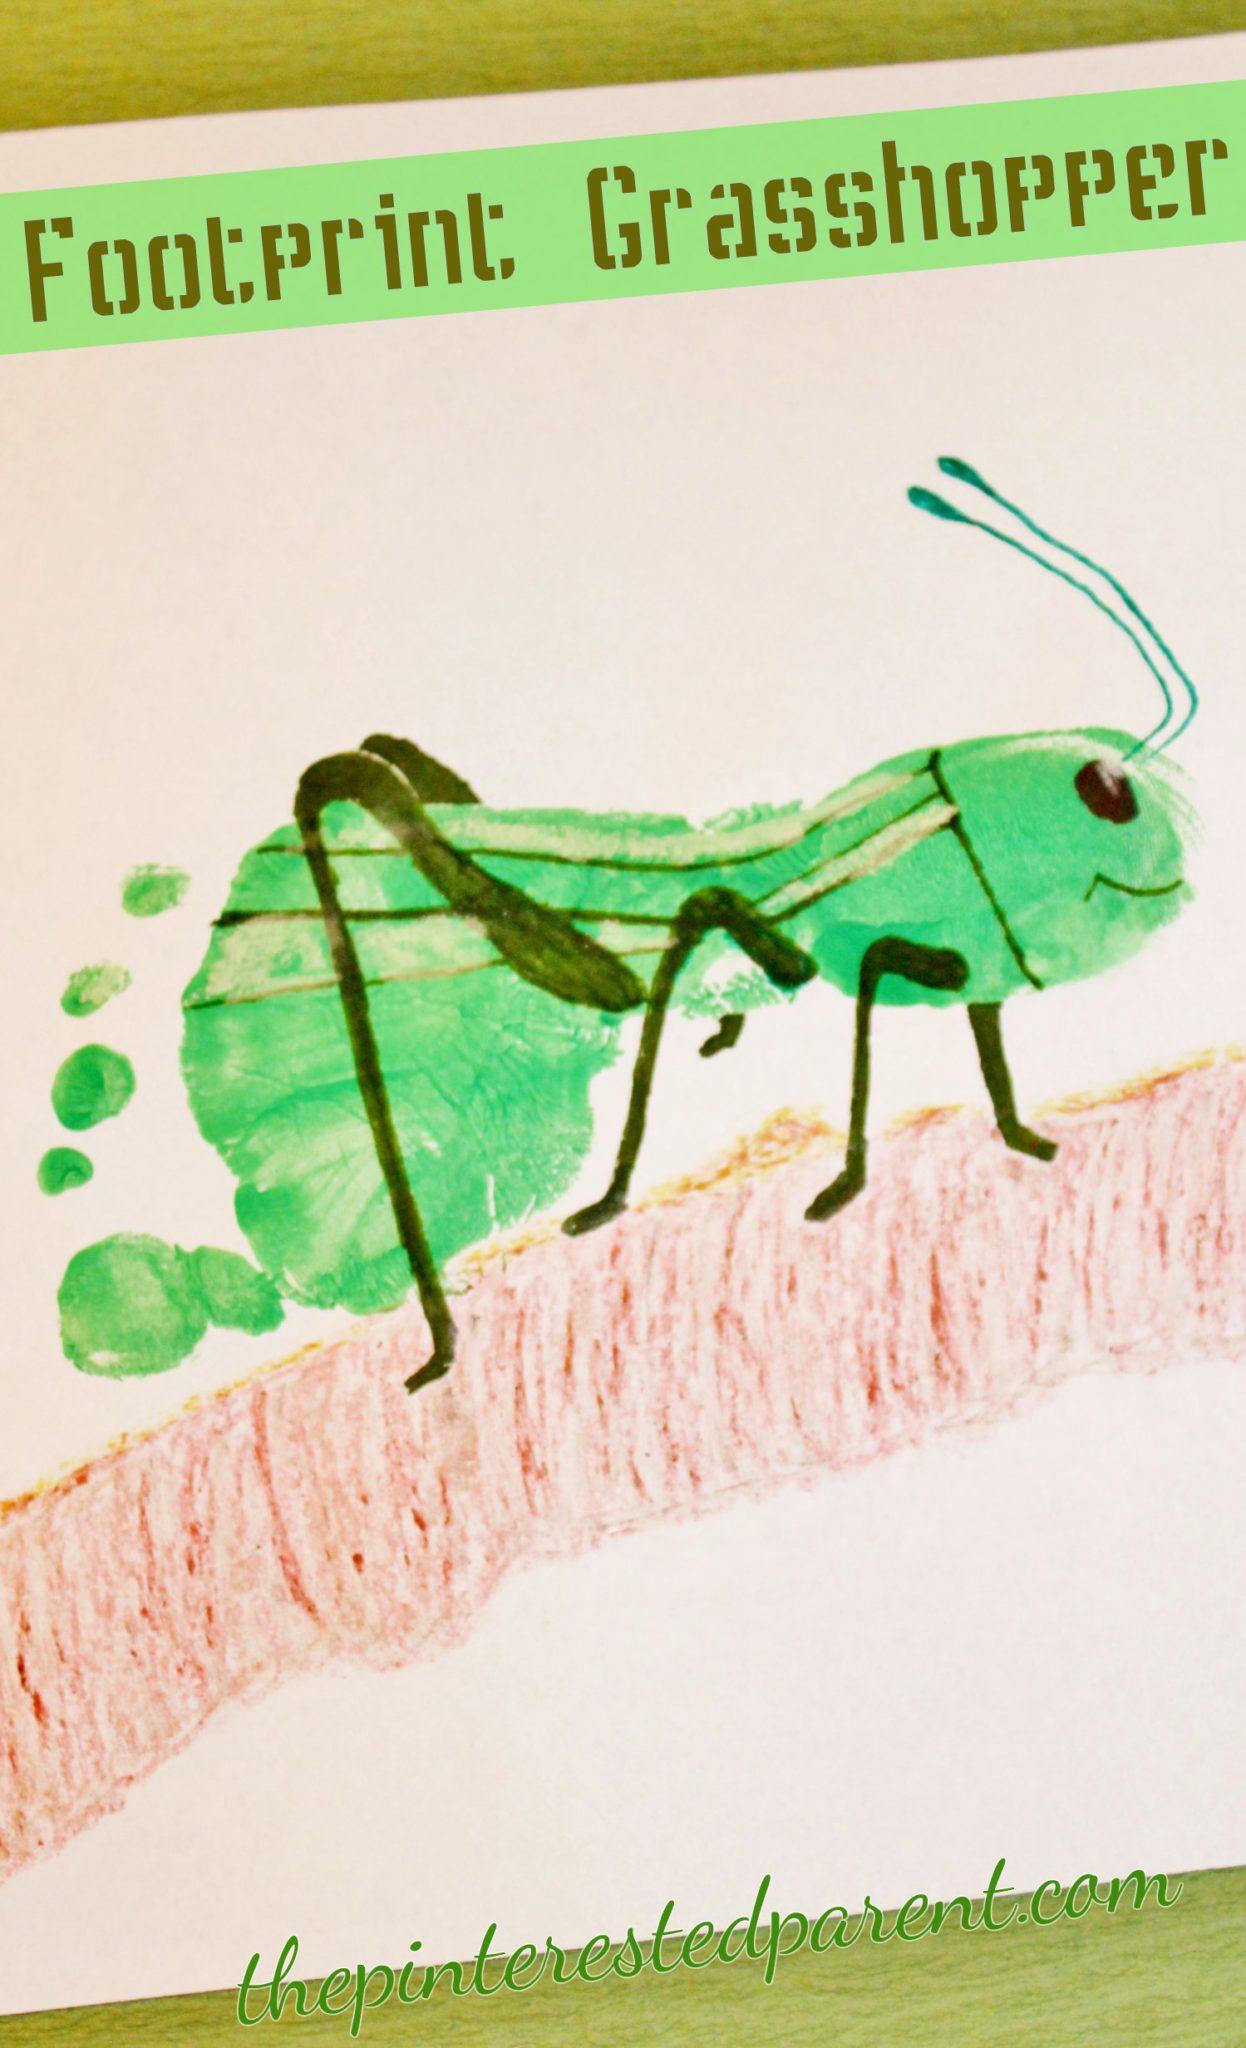 Footprint Grasshopper Craft The Pinterested Parent